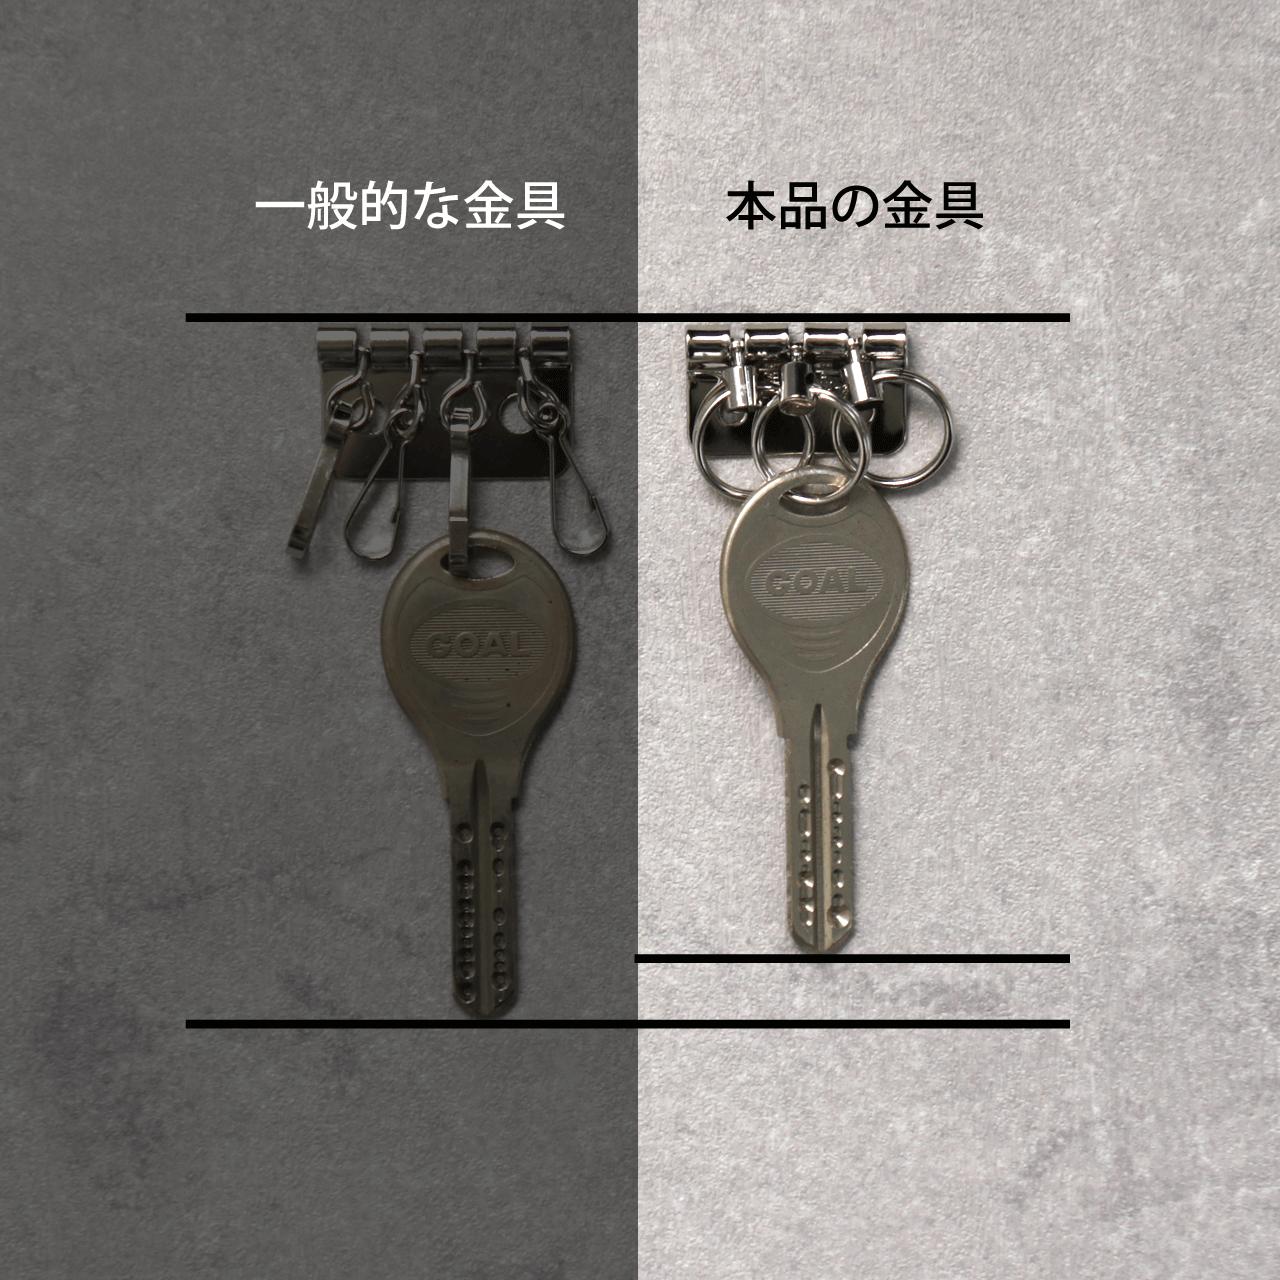 ギリギリぴったり鍵が入るコンパクトキーケース(本革)★ステッチ選べる★ブラウン